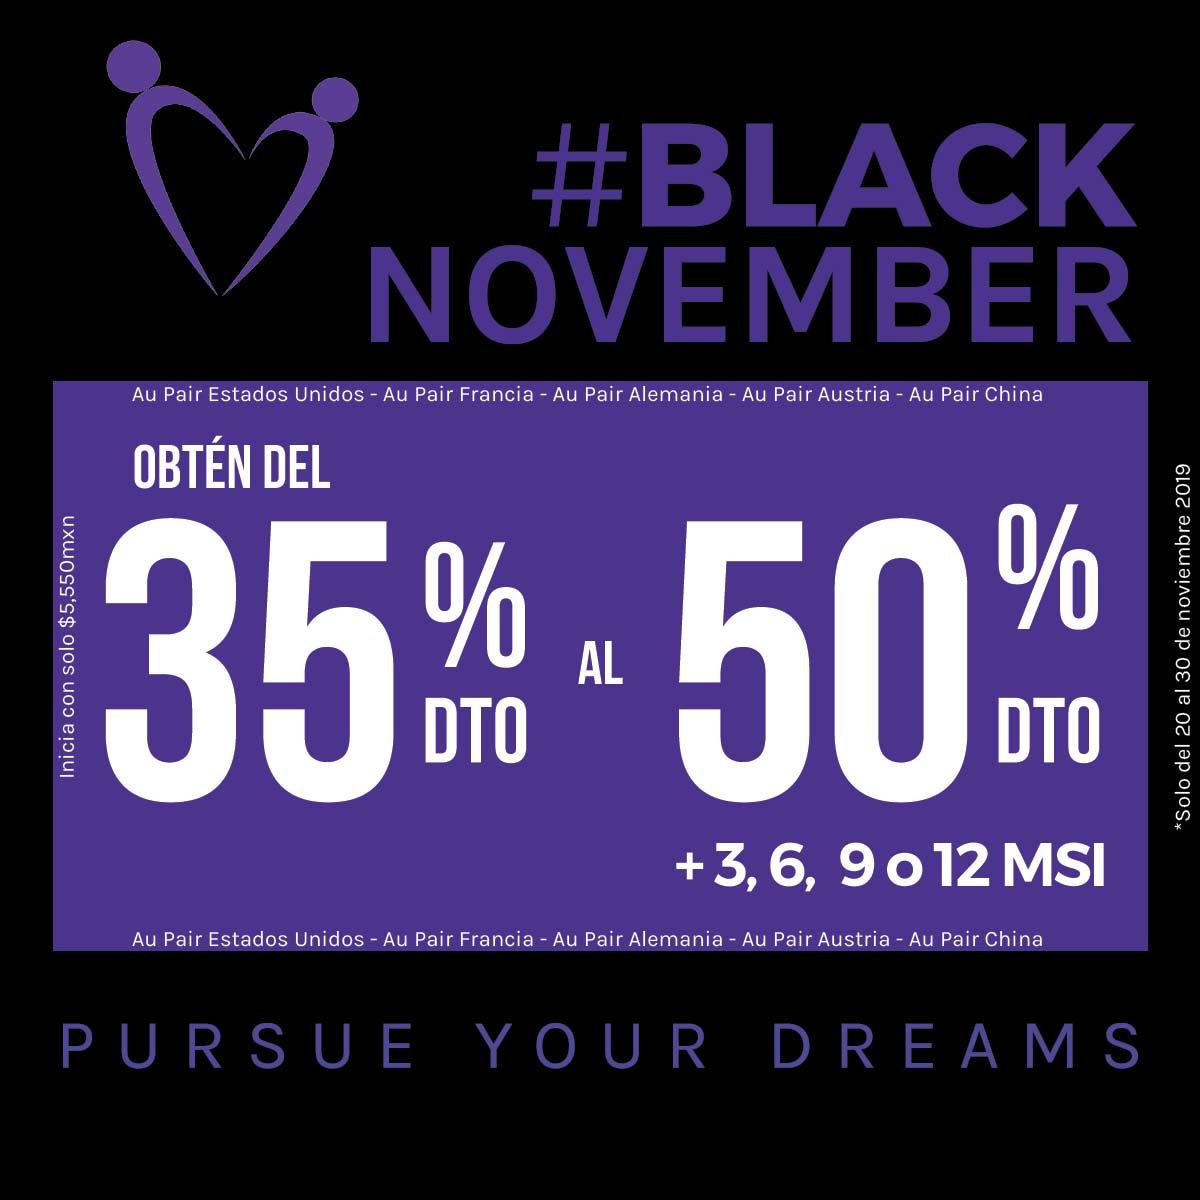 blacknovember_aupair_global